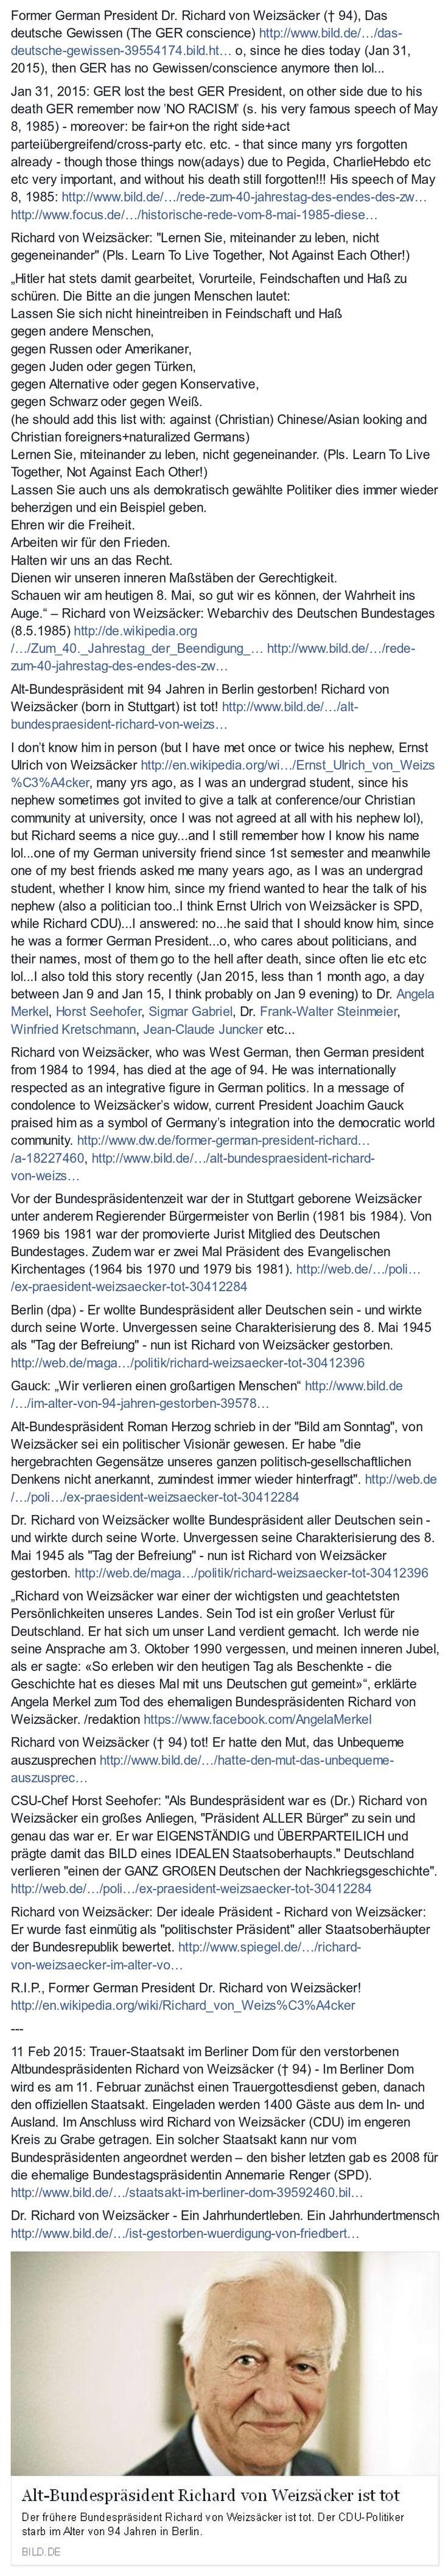 """#GER lost the best GER President,OnOtherSideDueToHisDeath GER remember NO #RACISM+Be Fair++ that HasForgottenAlready! http://www.focus.de/politik/deutschland/historische-rede-vom-8-mai-1985-diese-rede-weizsaeckers-veraenderte-das-ansehen-deutschlands-in-der-welt_id_4443590.html #Seehofer: """"(Dr.) Richard von #Weizsäcker war #eigenständig & #überparteilich und prägte damit das #Bild eines #idealen Staatsoberhaupts."""" 11Feb2015: Staatsakt!"""